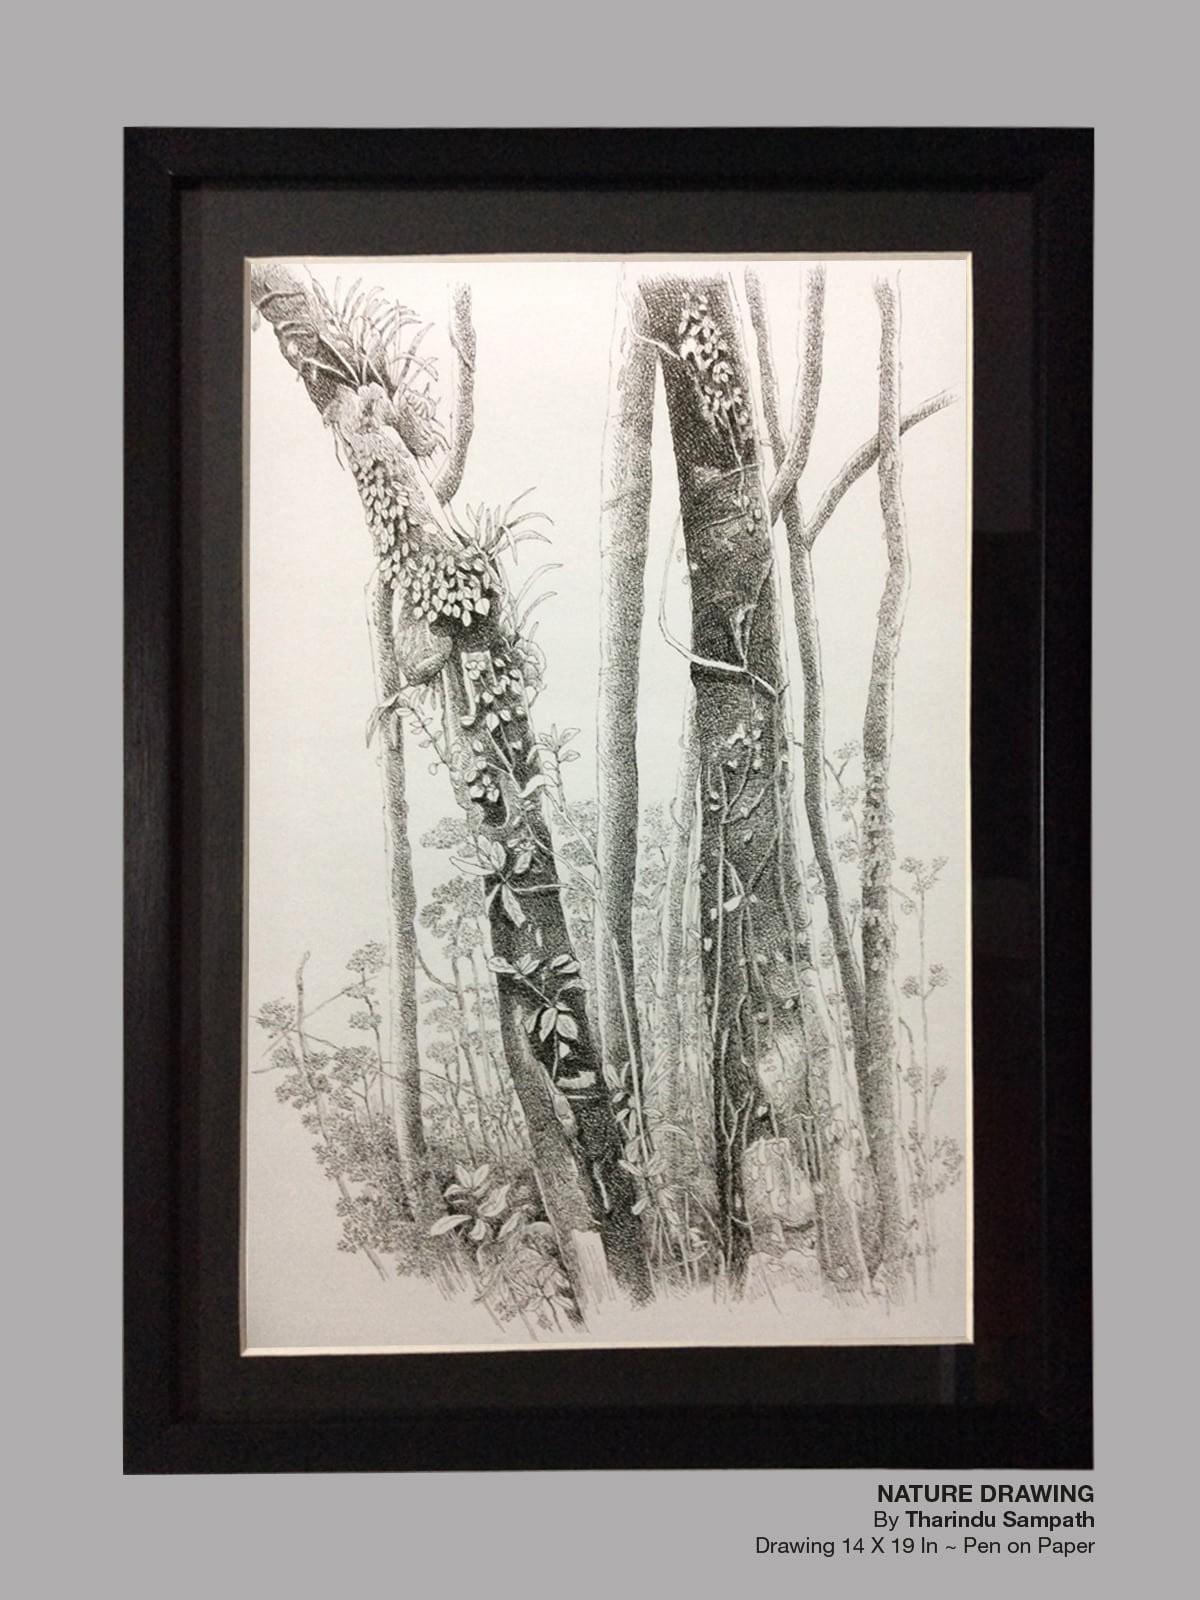 Nature Drawing by THARINDU SAMPATH SIRIWARDANA